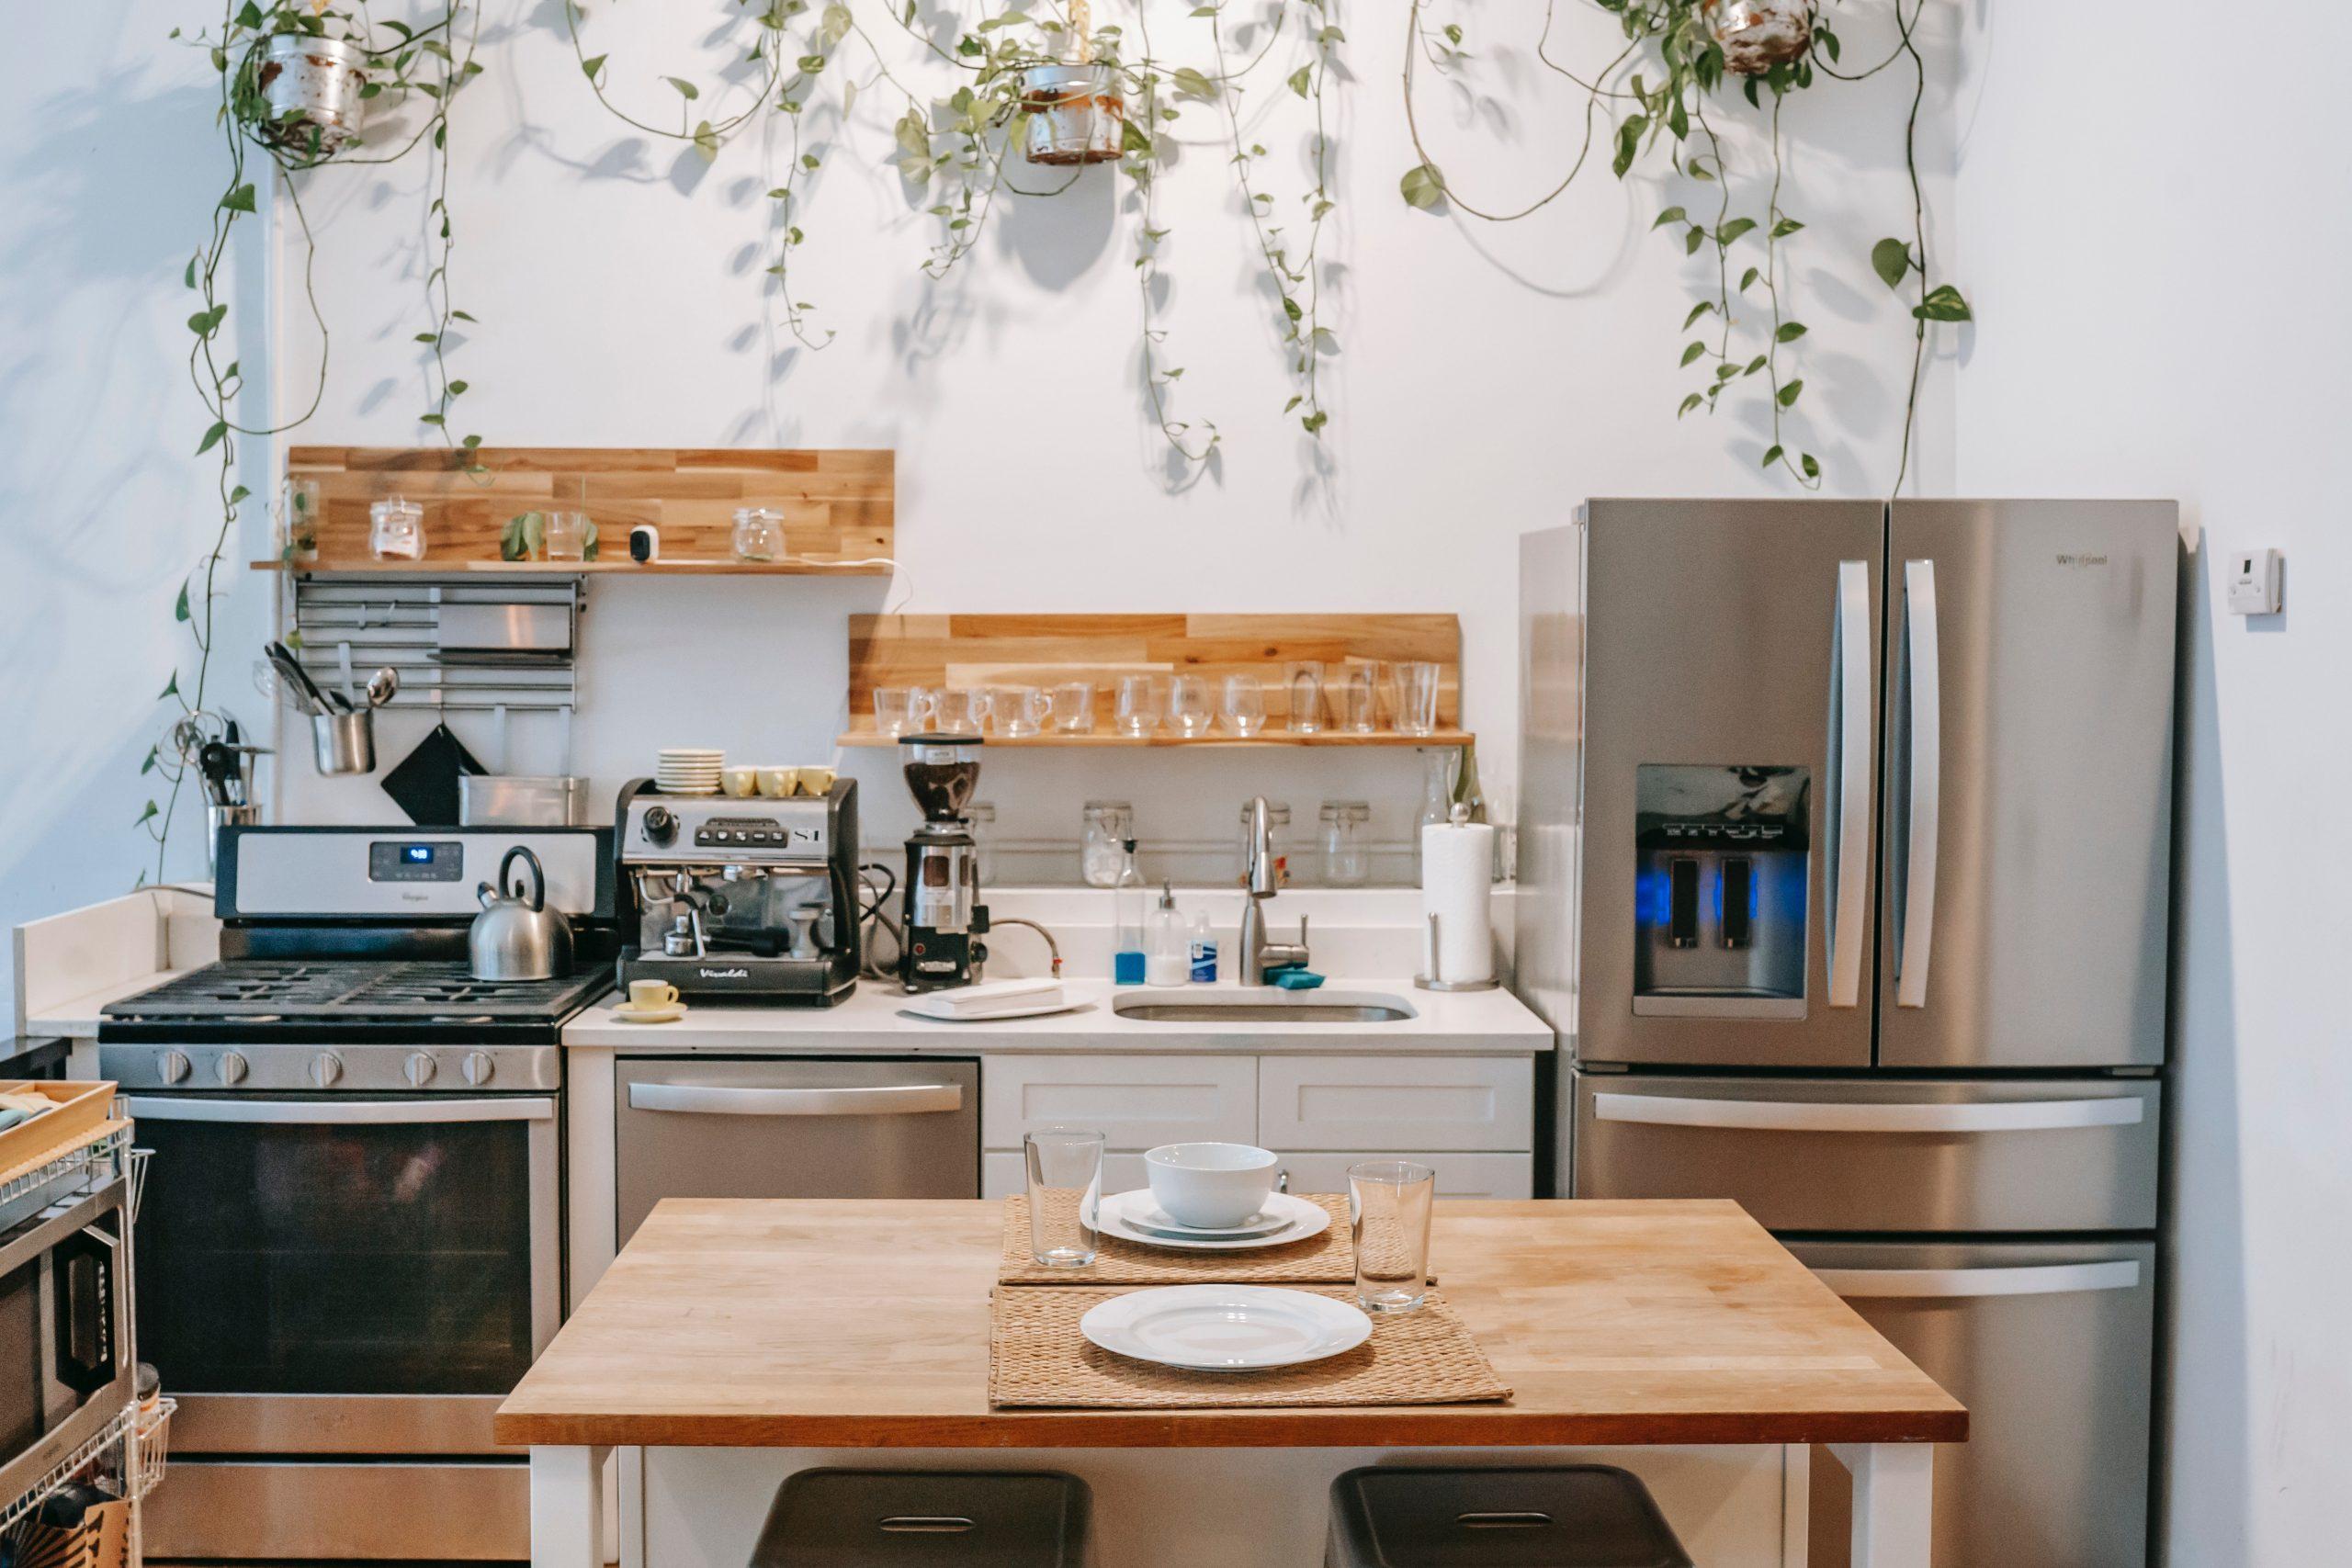 Imagem de cozinha com geladeira de inox